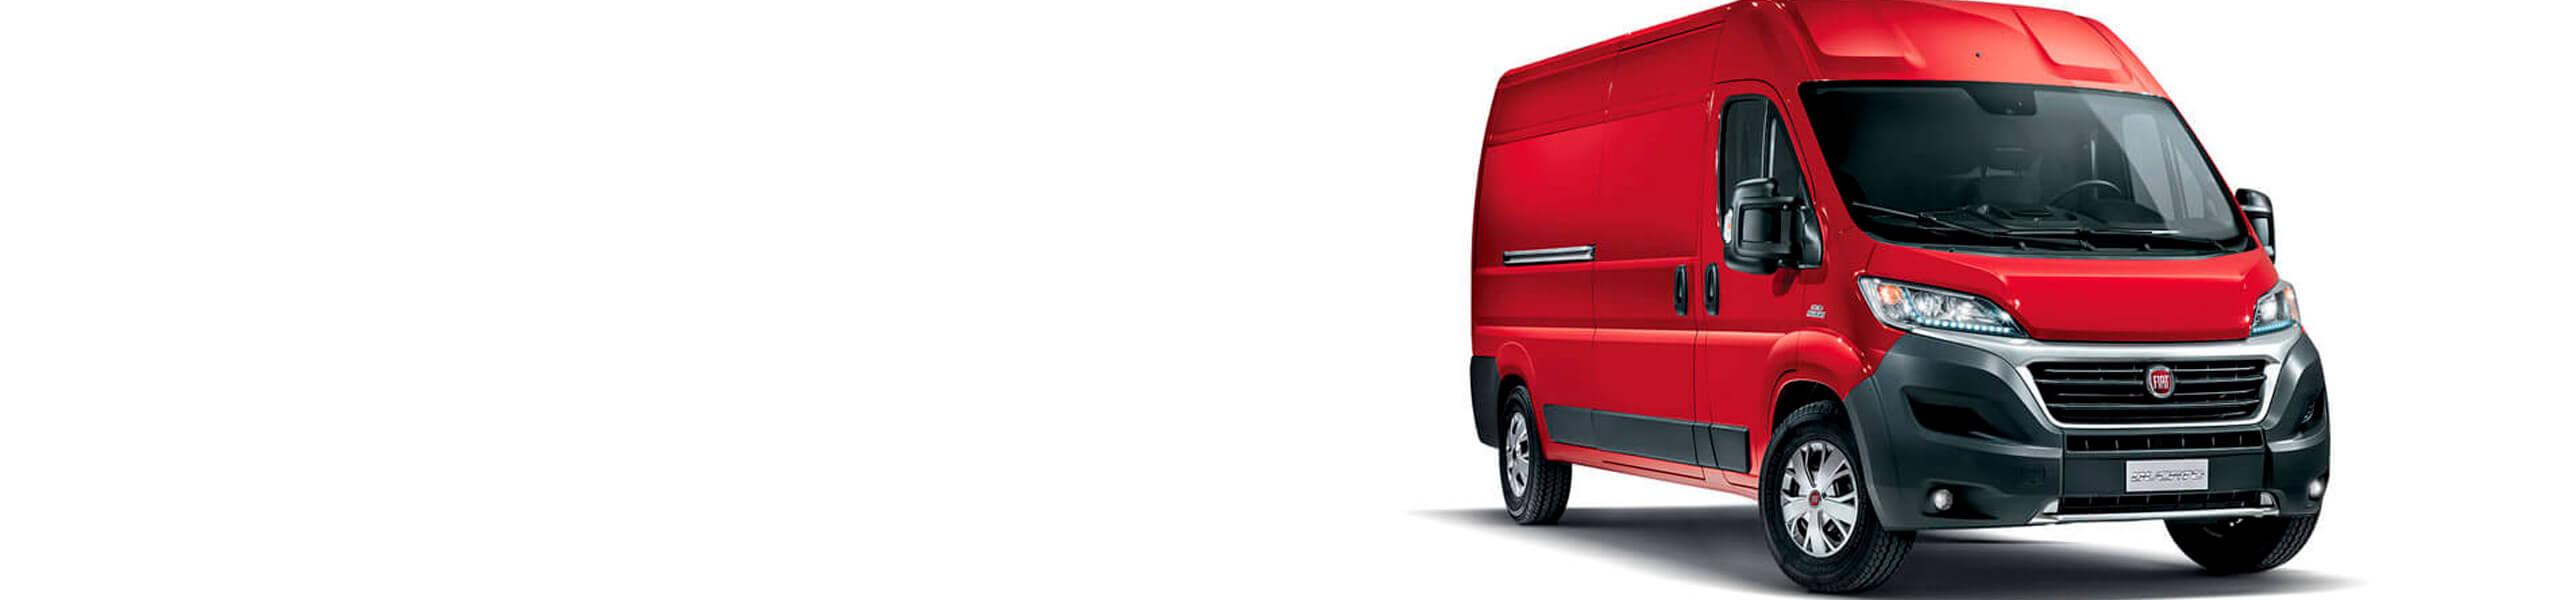 Uggerhøj Erhvervscenter - varevogne og erhvervsbiler   Opel   Citroën   Volkswagen   Fiat